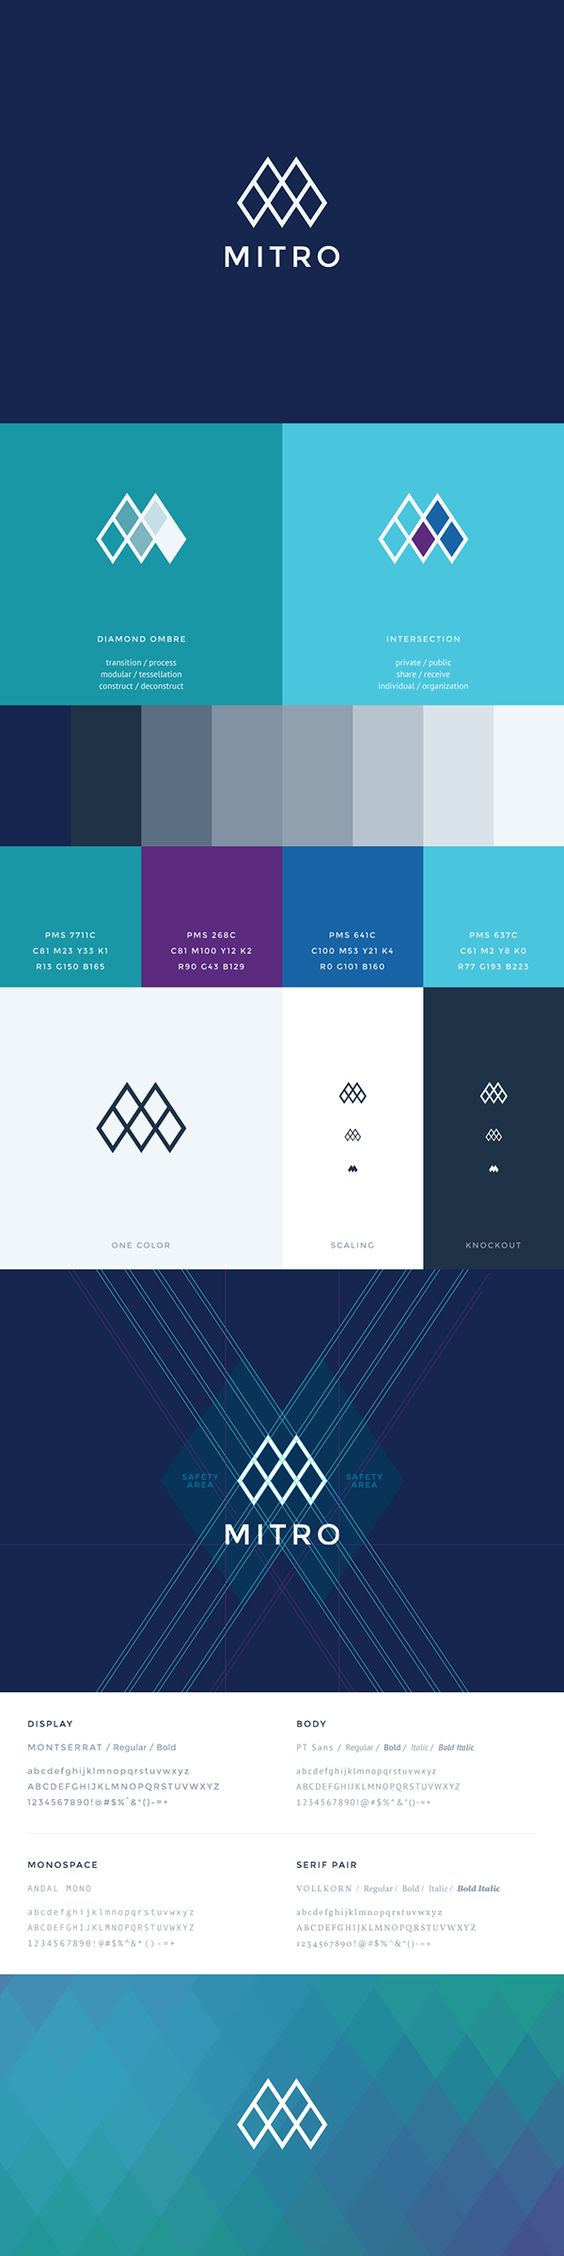 Mitro Branding & Product Design on Behance